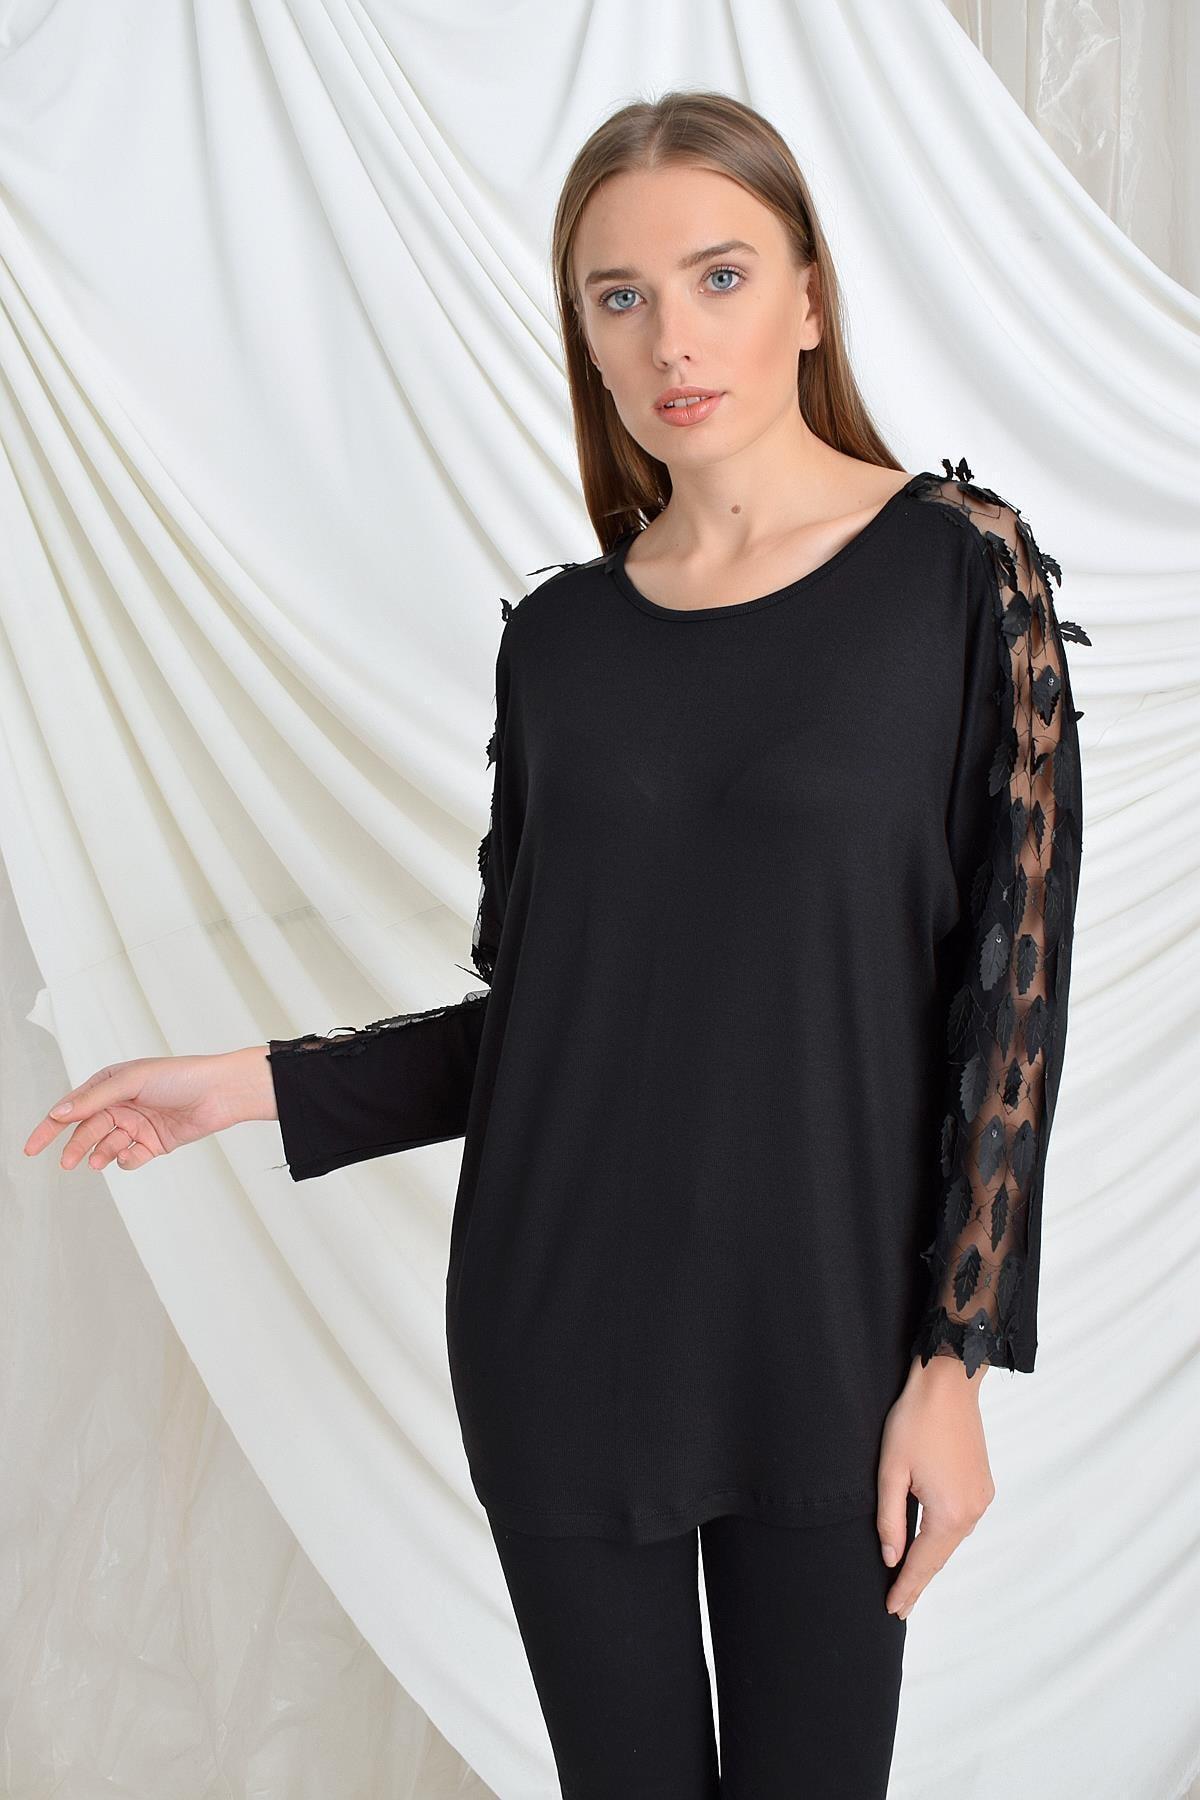 TENA MODA Kadın Siyah Kolu Yapraklı Çilek Bluz 2